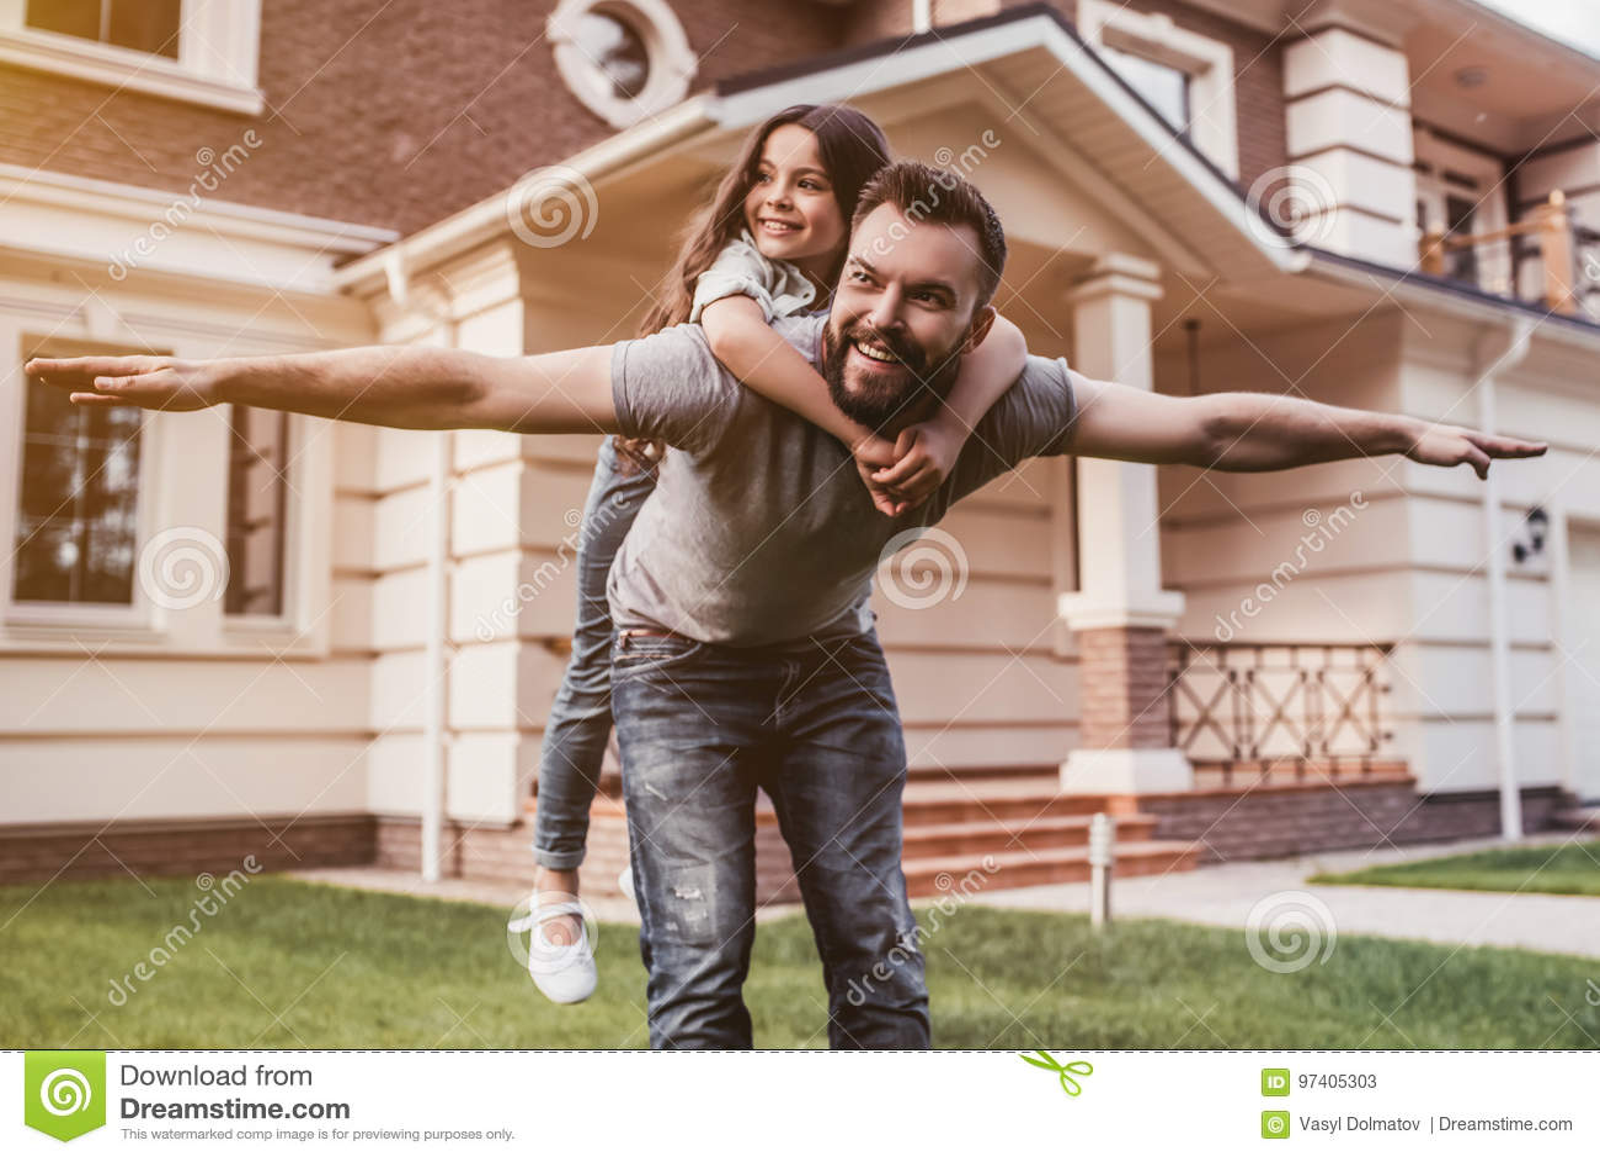 Papa avec la fille dehors